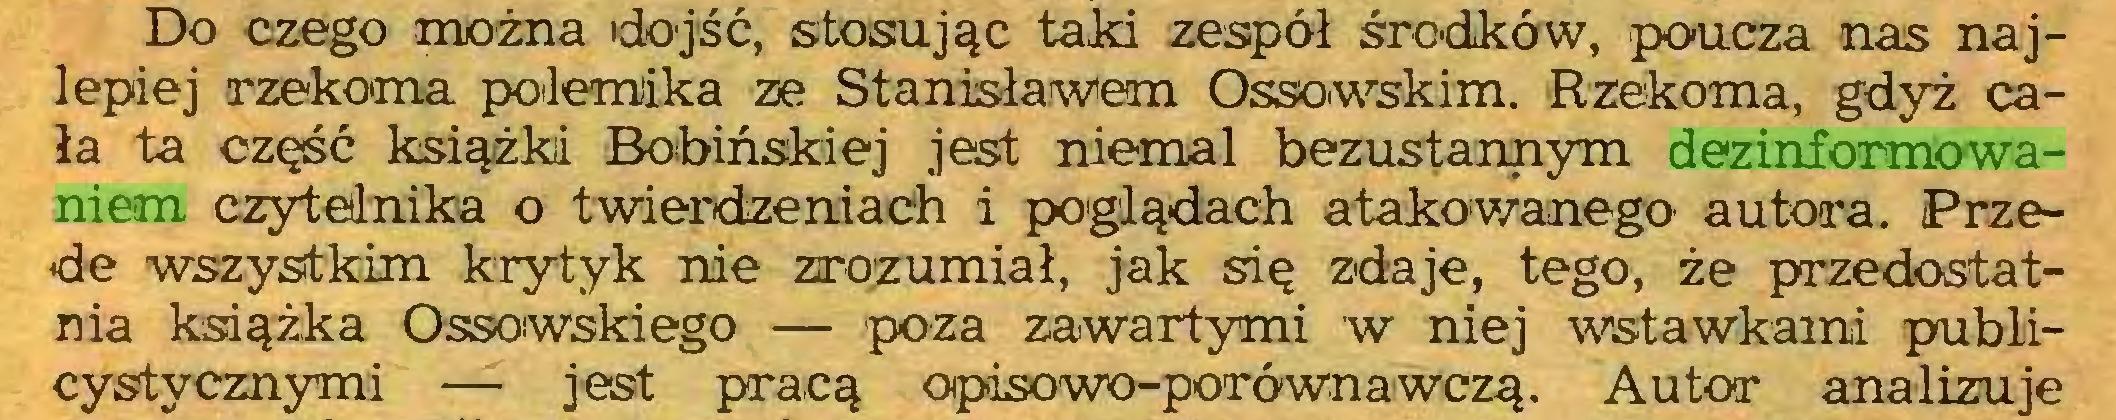 (...) Do czego można dojść, stosując taki zespół środków, poucza nas najlepiej rzekoma polemika ze Stanisławem Ossowskim. Rzekoma, gdyż cała ta część książki Bobińskiej jest niemal bezustannym dezinformowaniem czytelnika o twierdzeniach i poglądach atakowanego' autora. Przede wszystkim krytyk nie zrozumiał, jak się zdaje, tego, że przedostatnia książka Ossowskiego — poza zawartymi w niej wstawkami publicystycznymi — jest pracą opisowo-porównawczą. Autor analizuje...